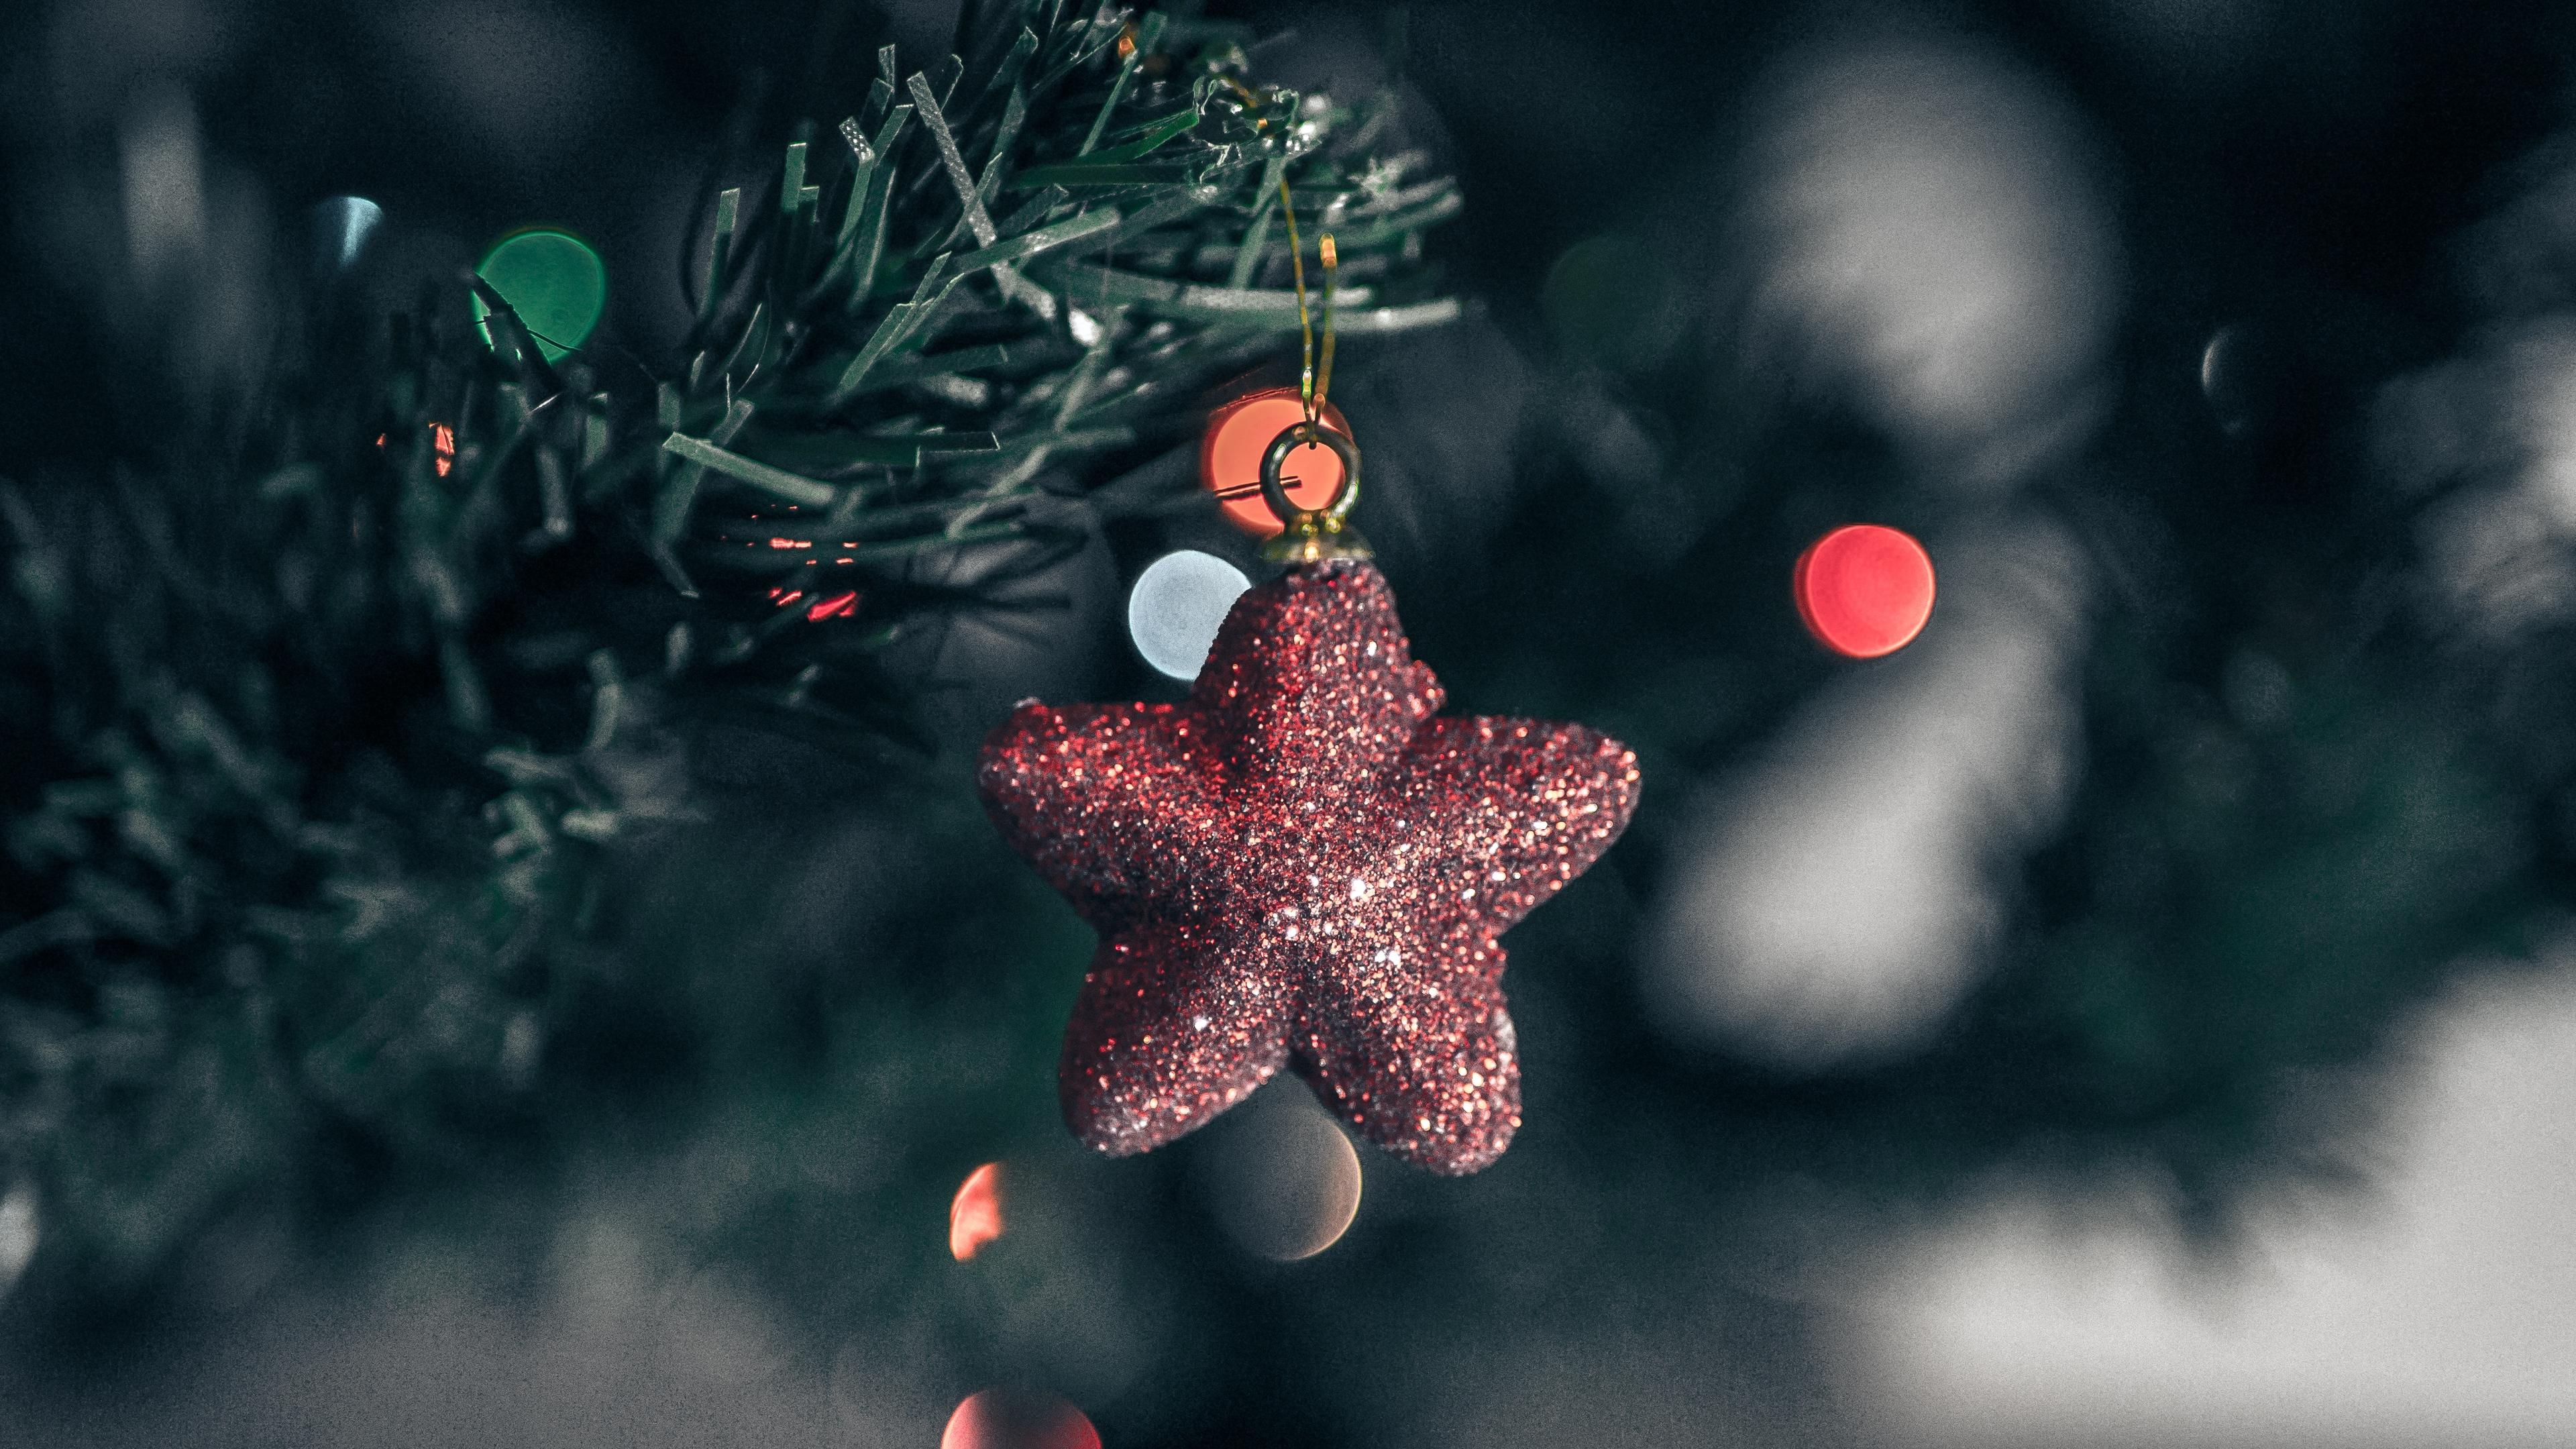 star christmas tree shine 4k 1538345070 - star, christmas tree, shine 4k - Star, Shine, christmas tree